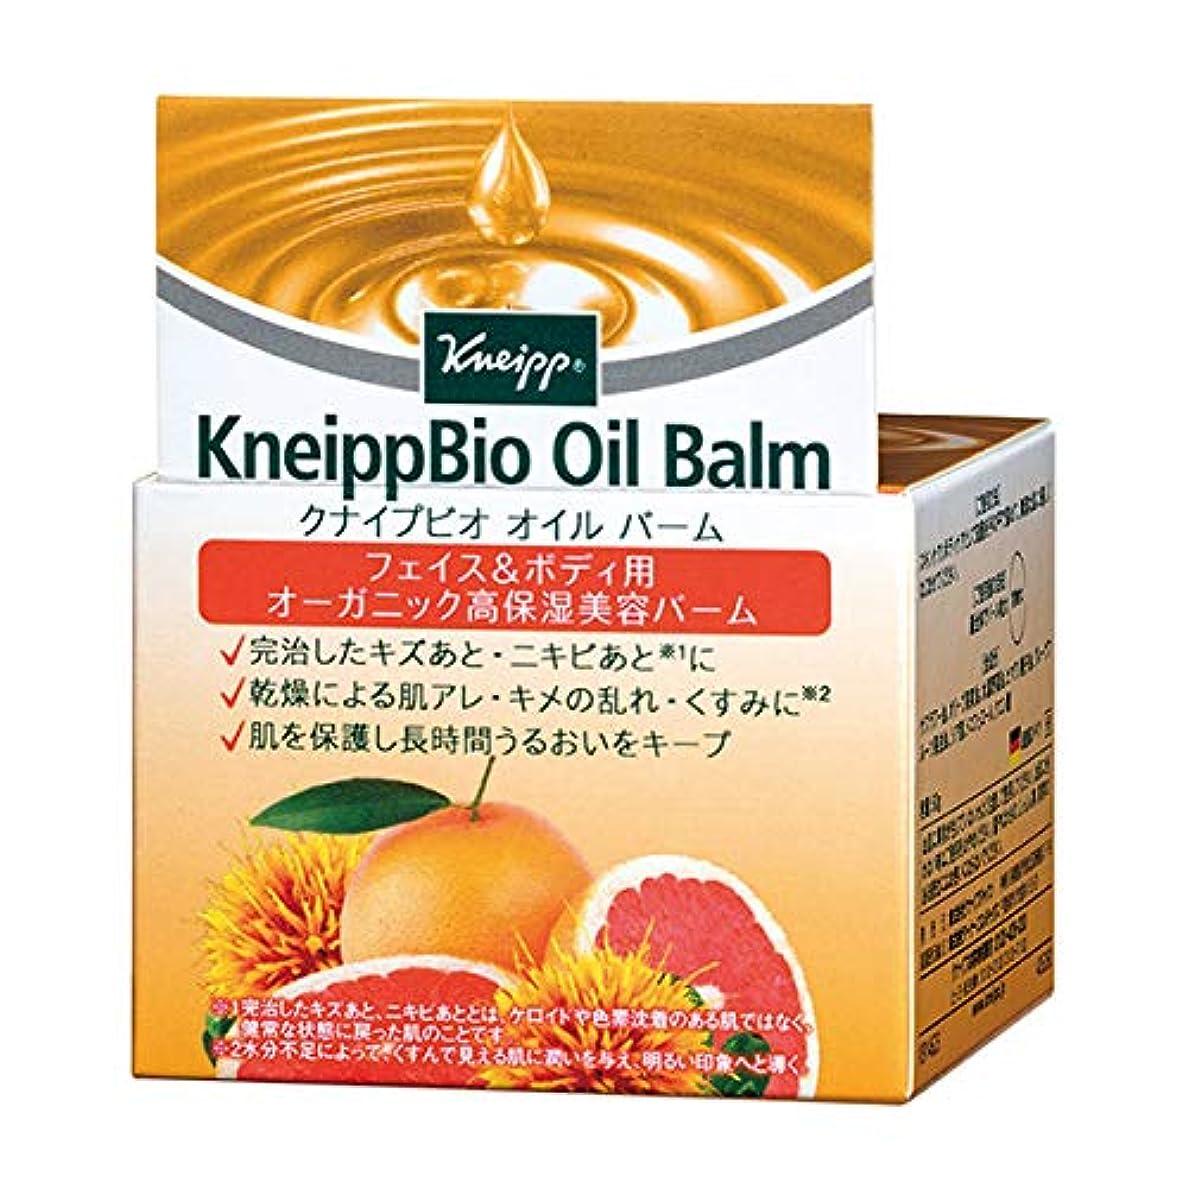 インフレーション写真撮影テクスチャークナイプ(Kneipp) クナイプビオ オイル バーム 50g 美容液